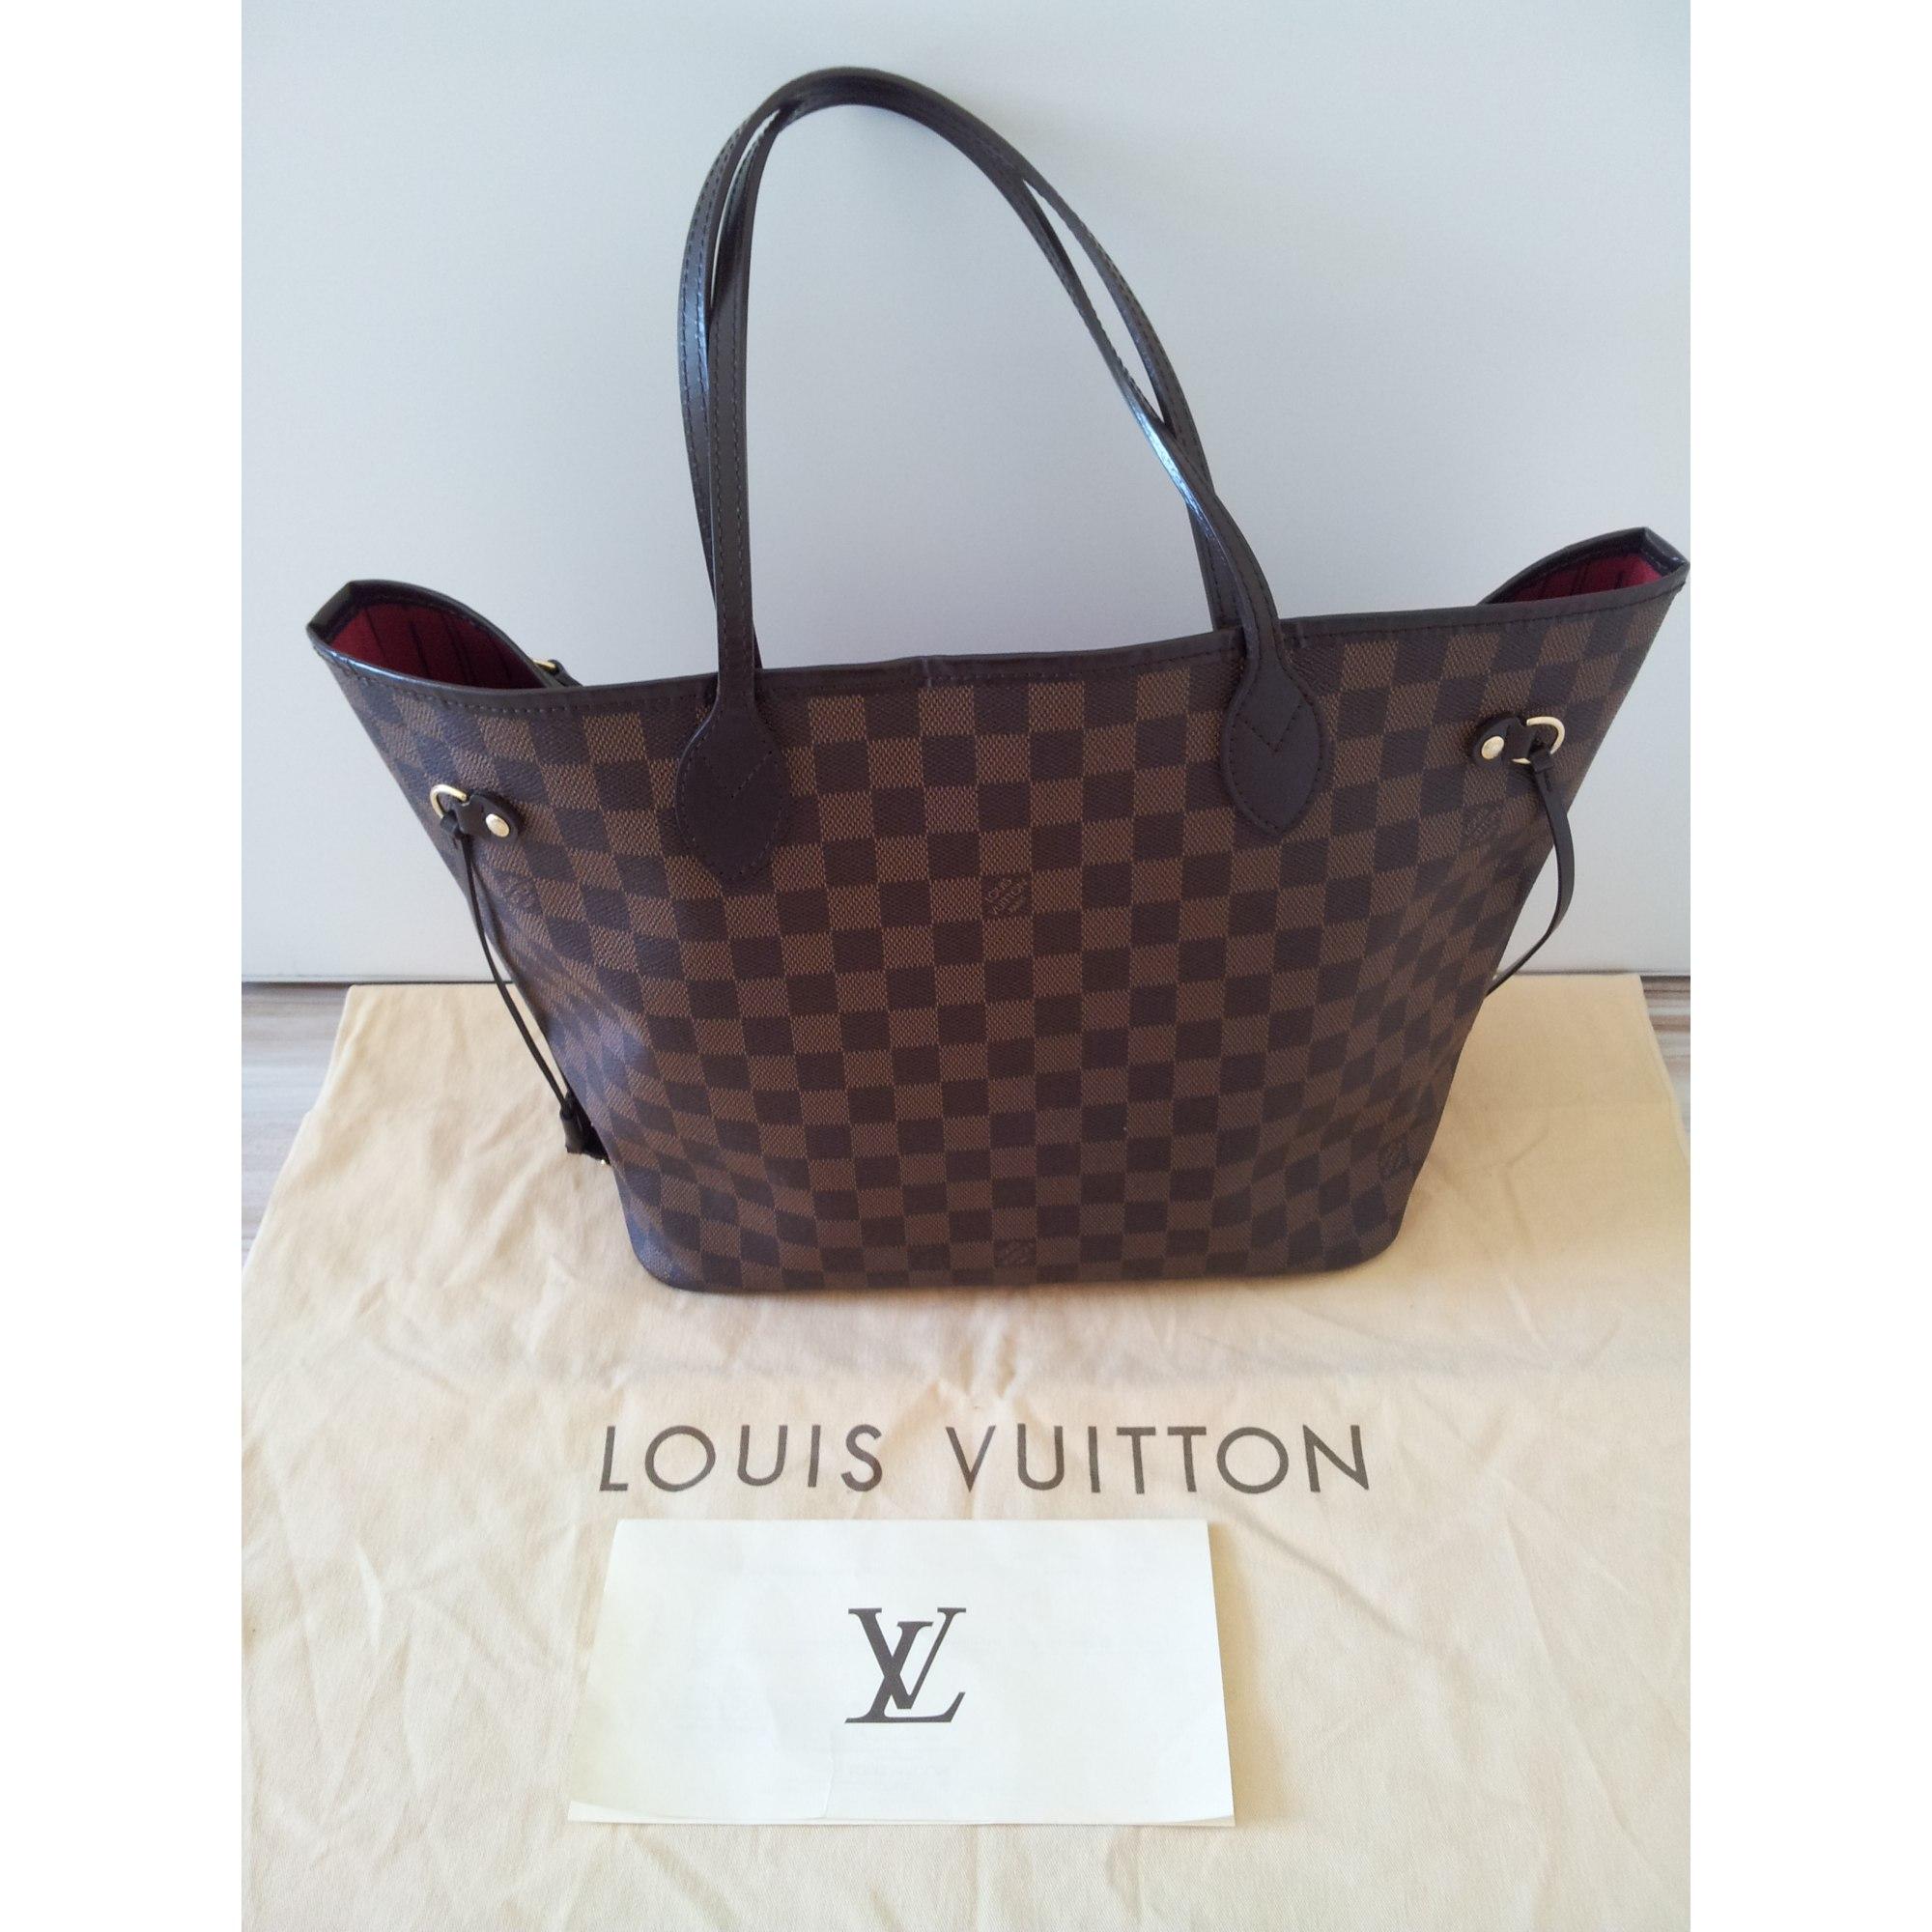 Sac à main en cuir LOUIS VUITTON marron vendu par Shopname296380 ... 0a7e5a46585